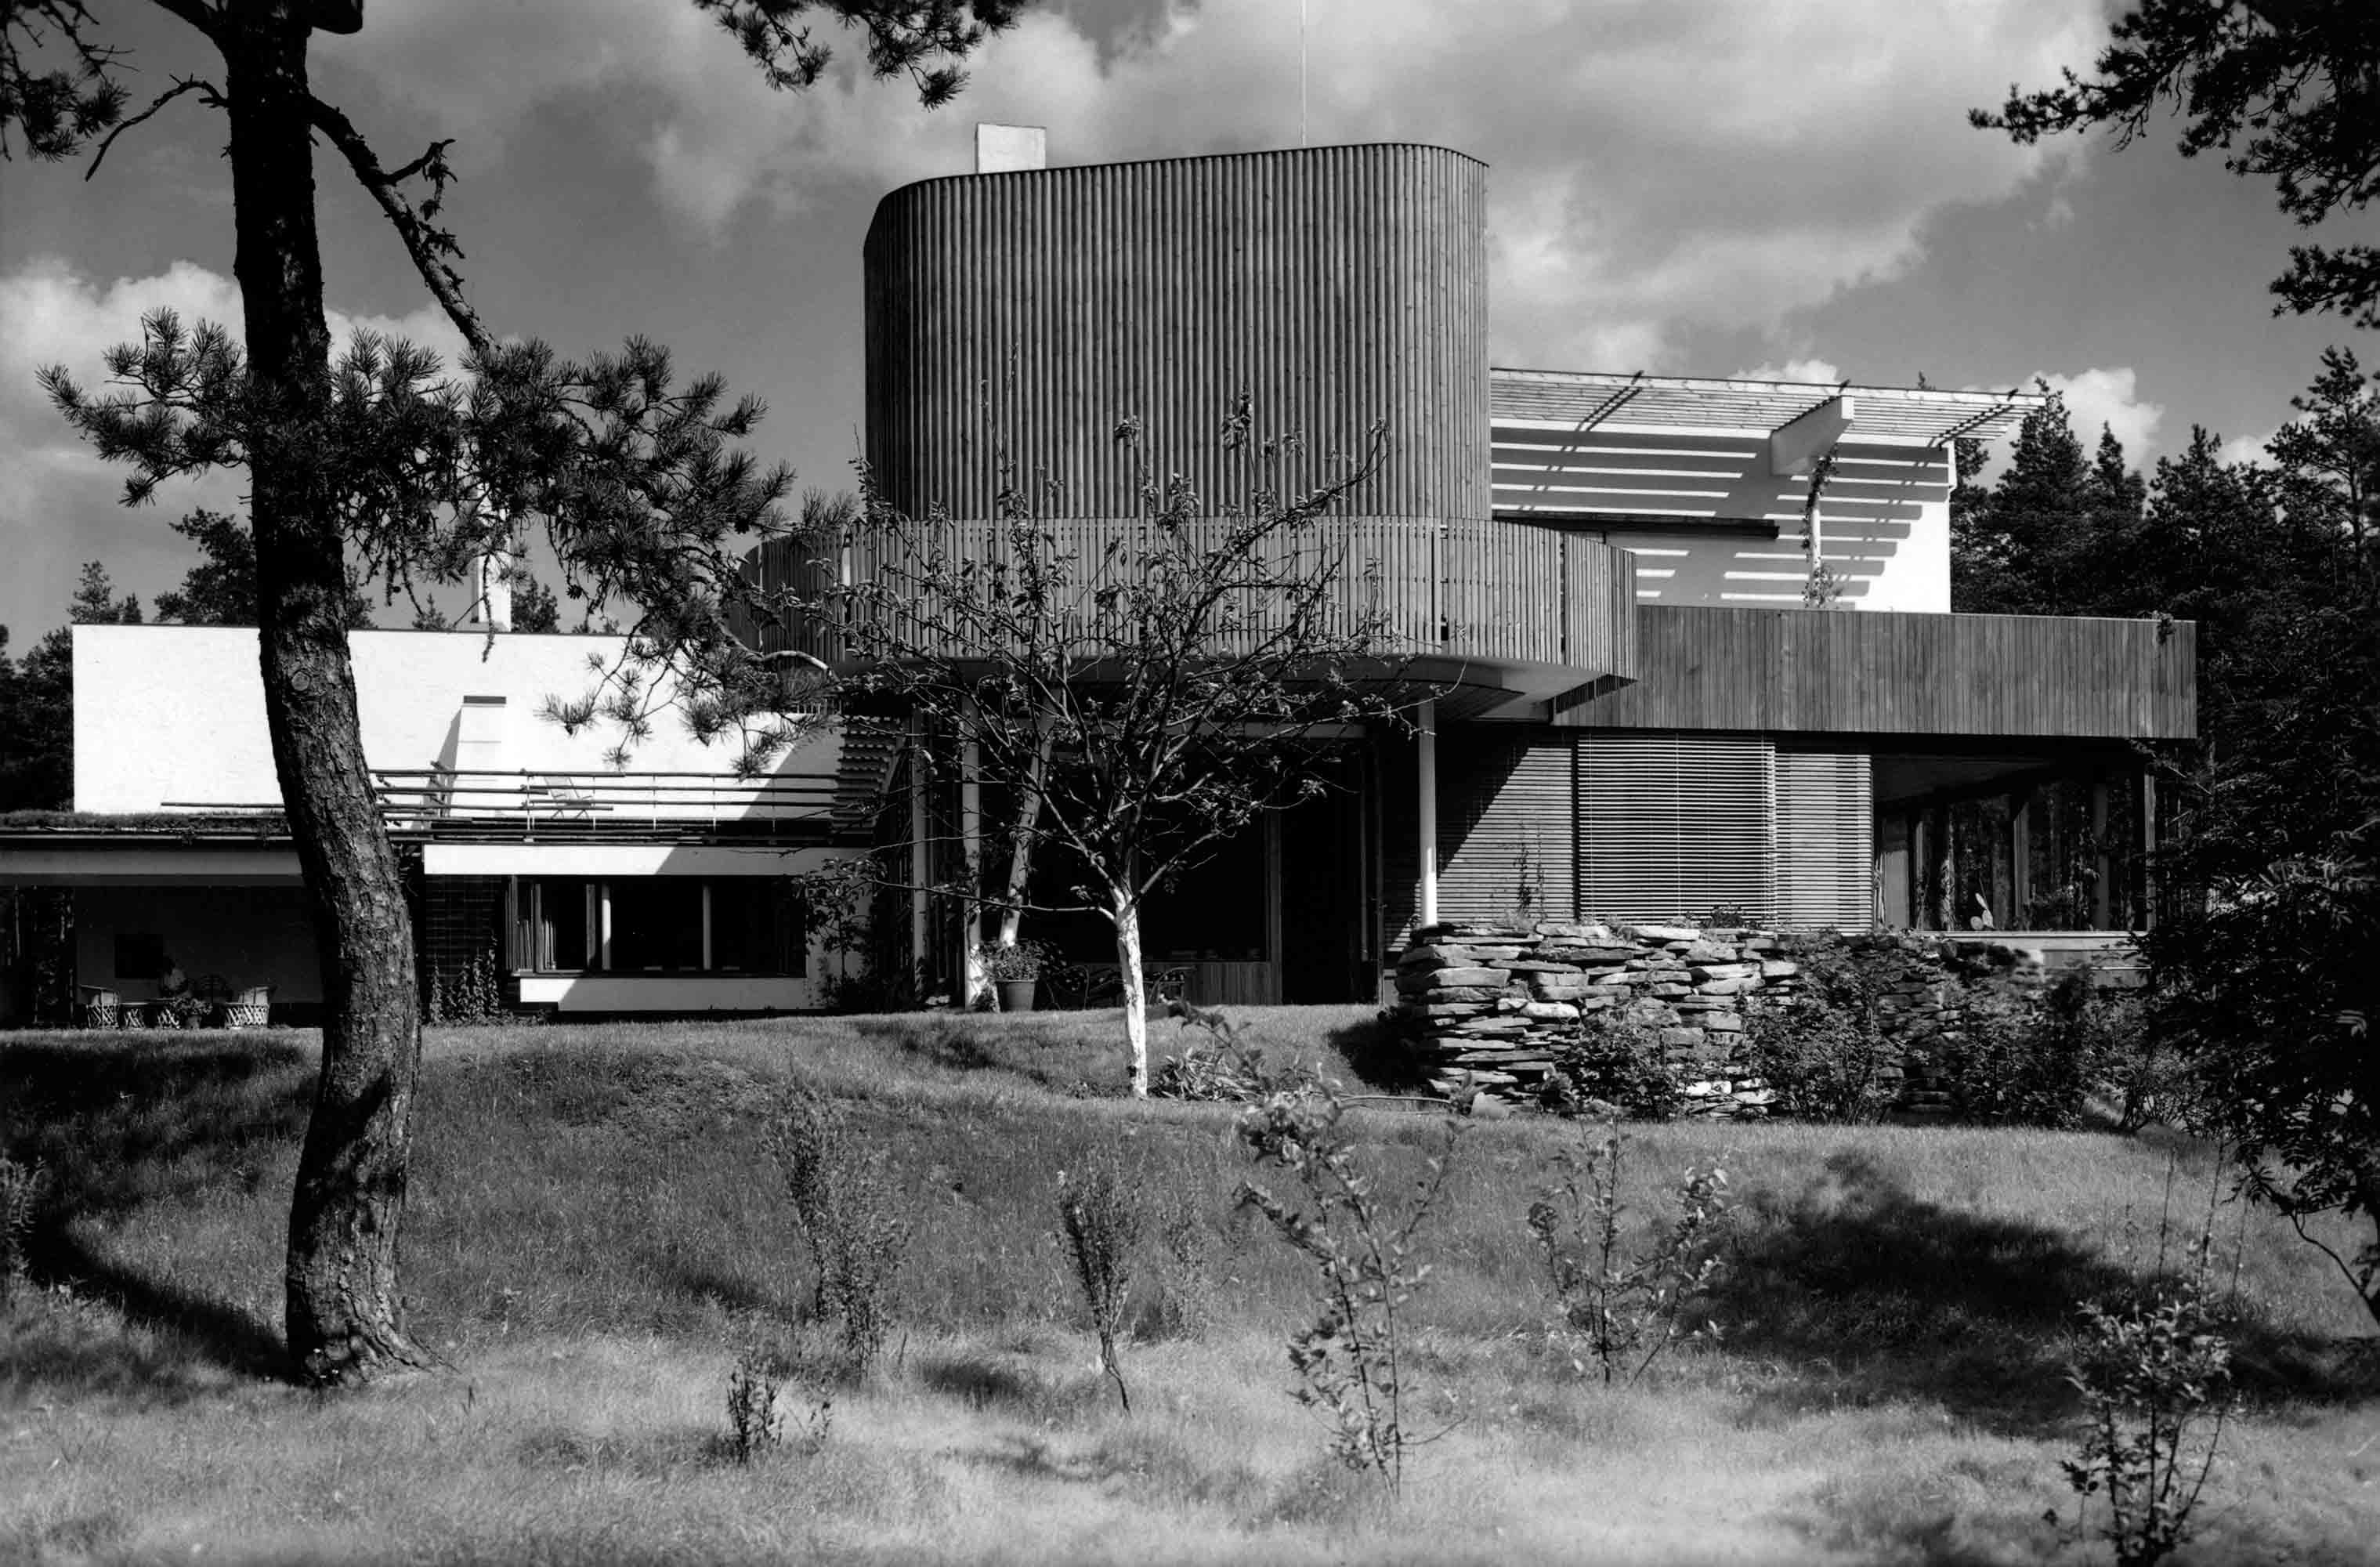 Villa Mairea ©Alvar Aalto Museum, photo Eino Mäkinen